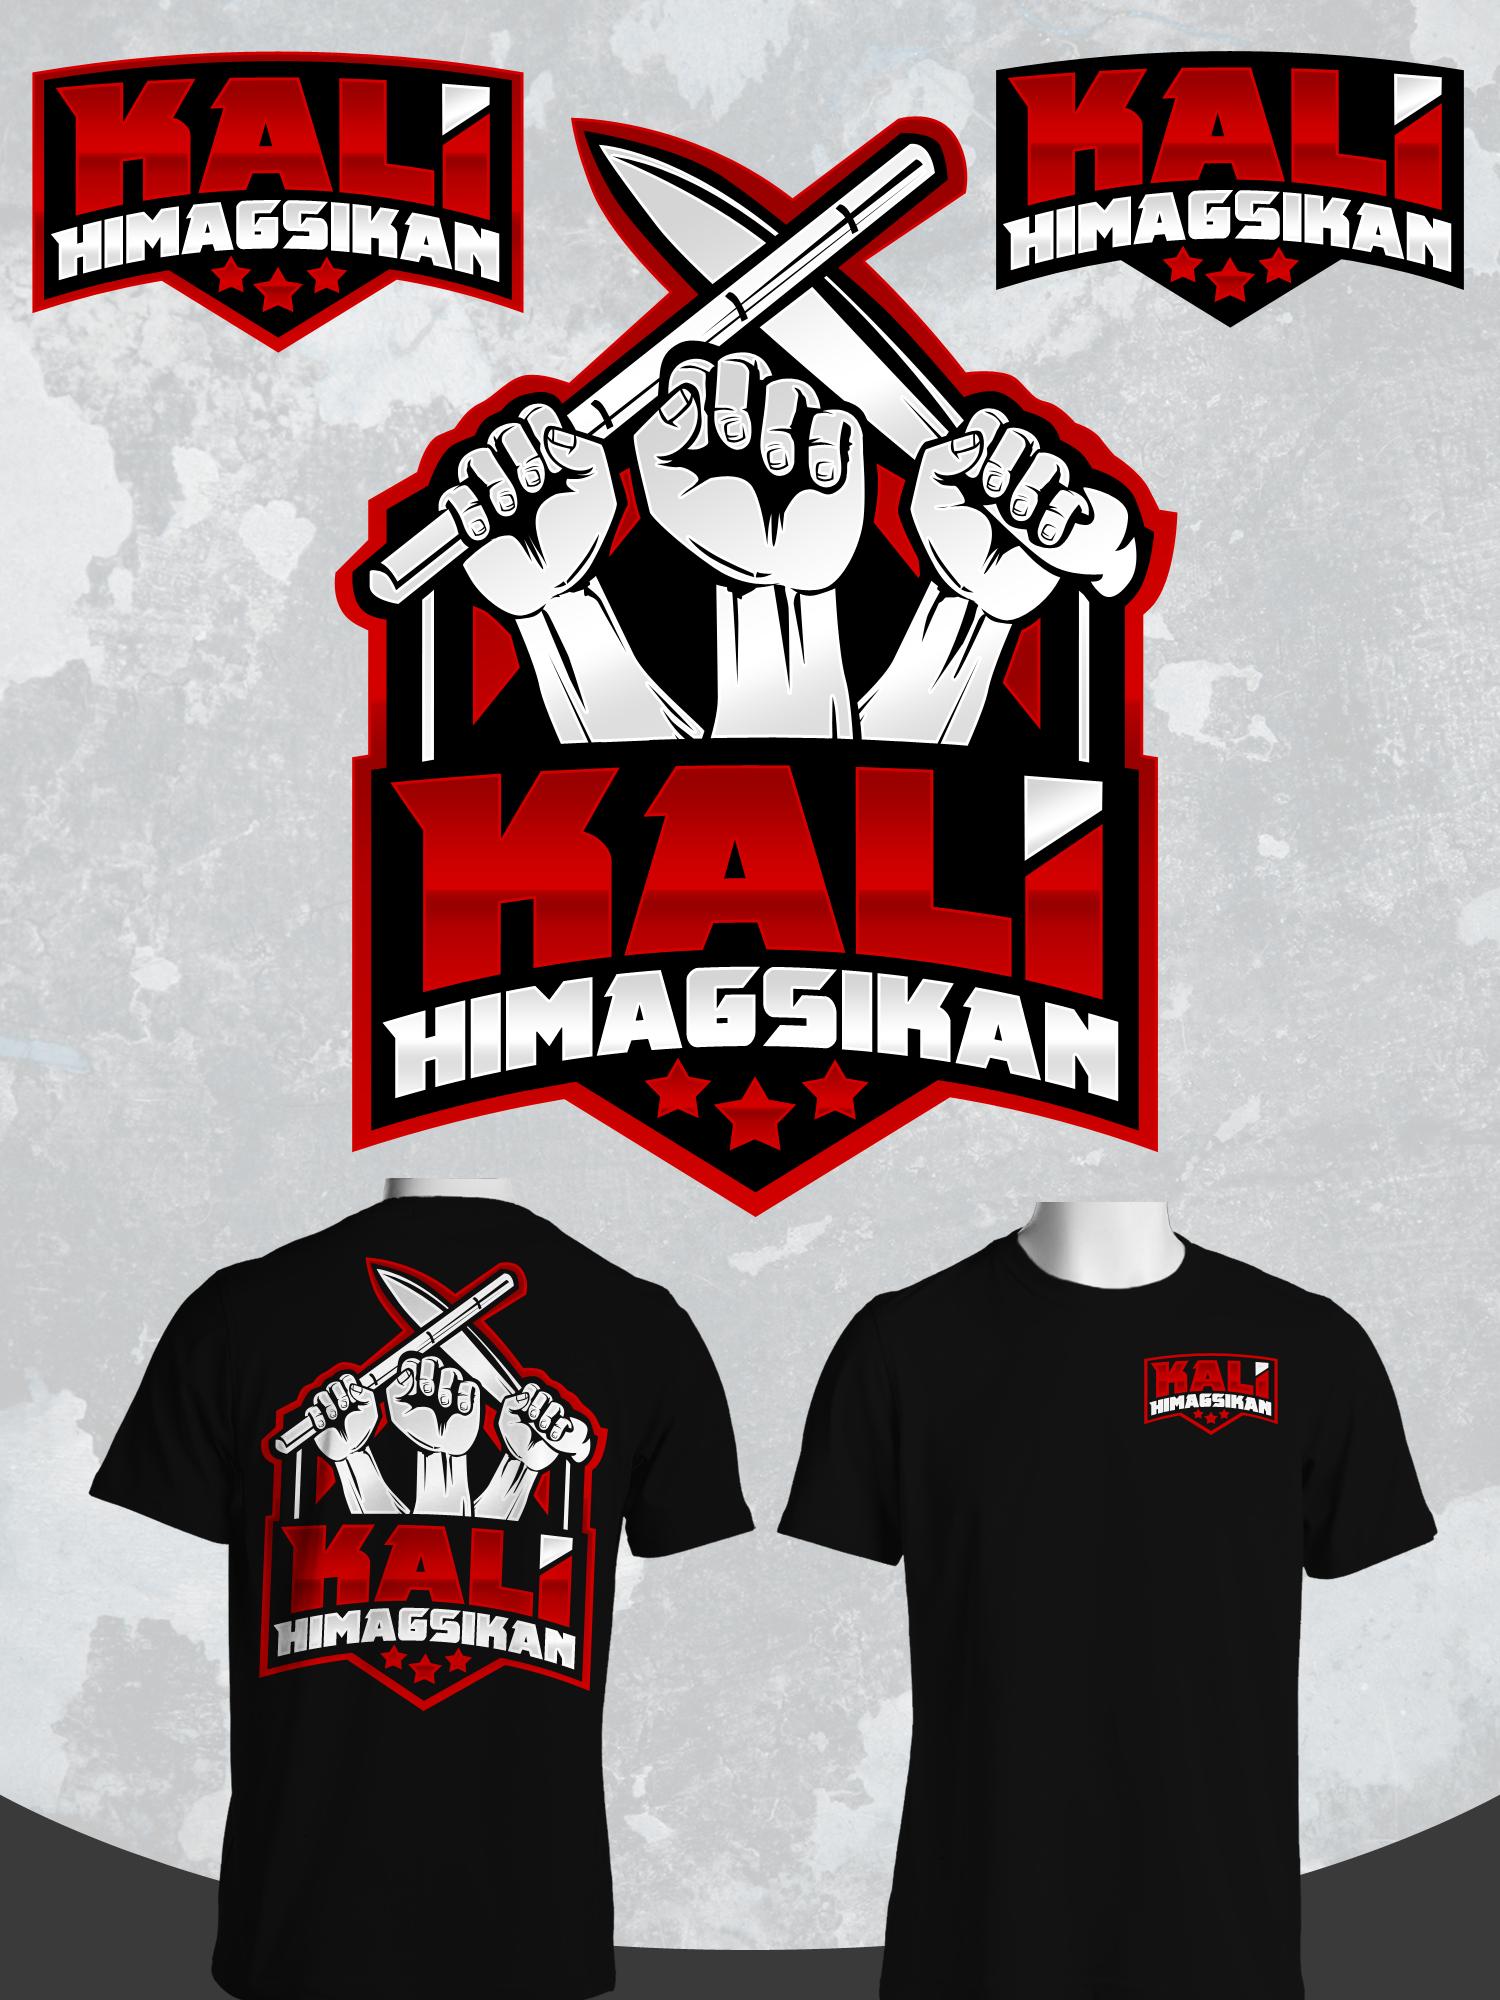 Kick ass! Can you design an elite logo for a martial arts group?